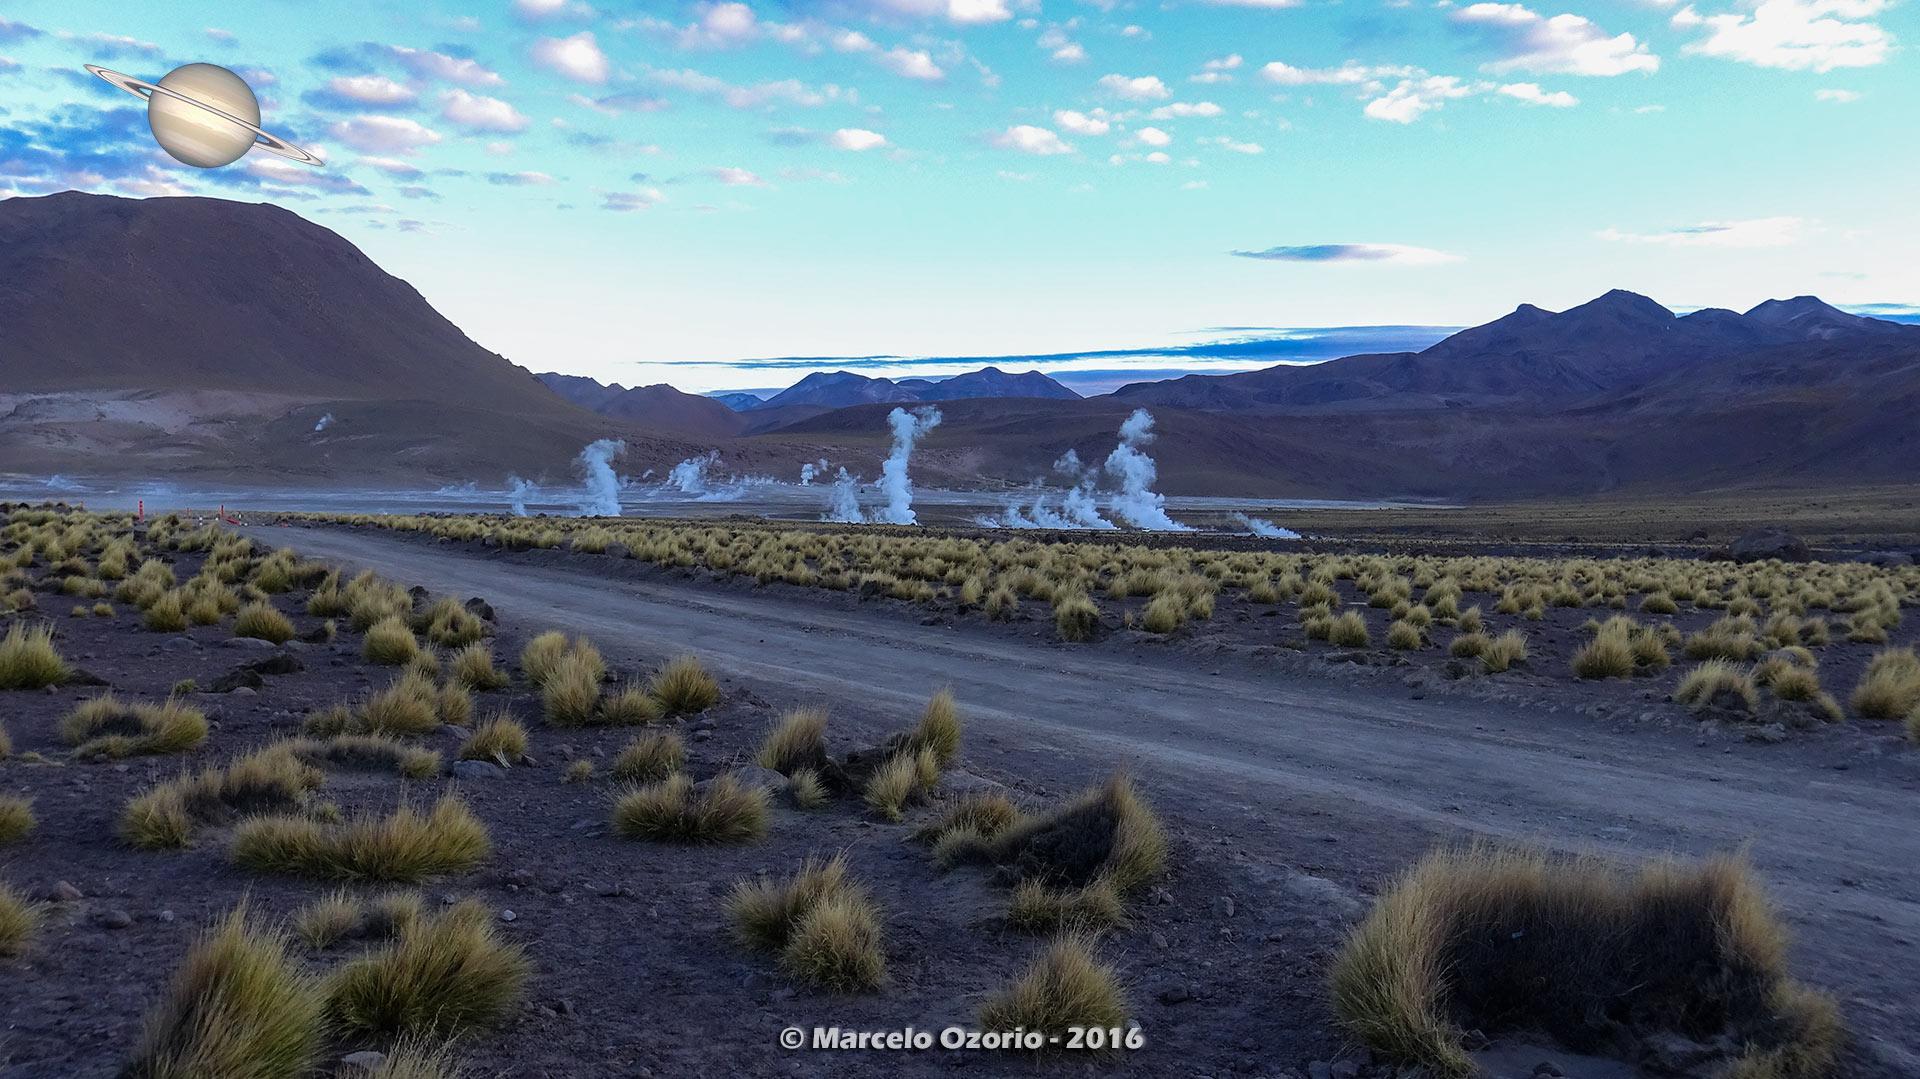 el tatio geysers atacama desert 41 - The Surreal El Tatio Geysers - Atacama Desert - Chile